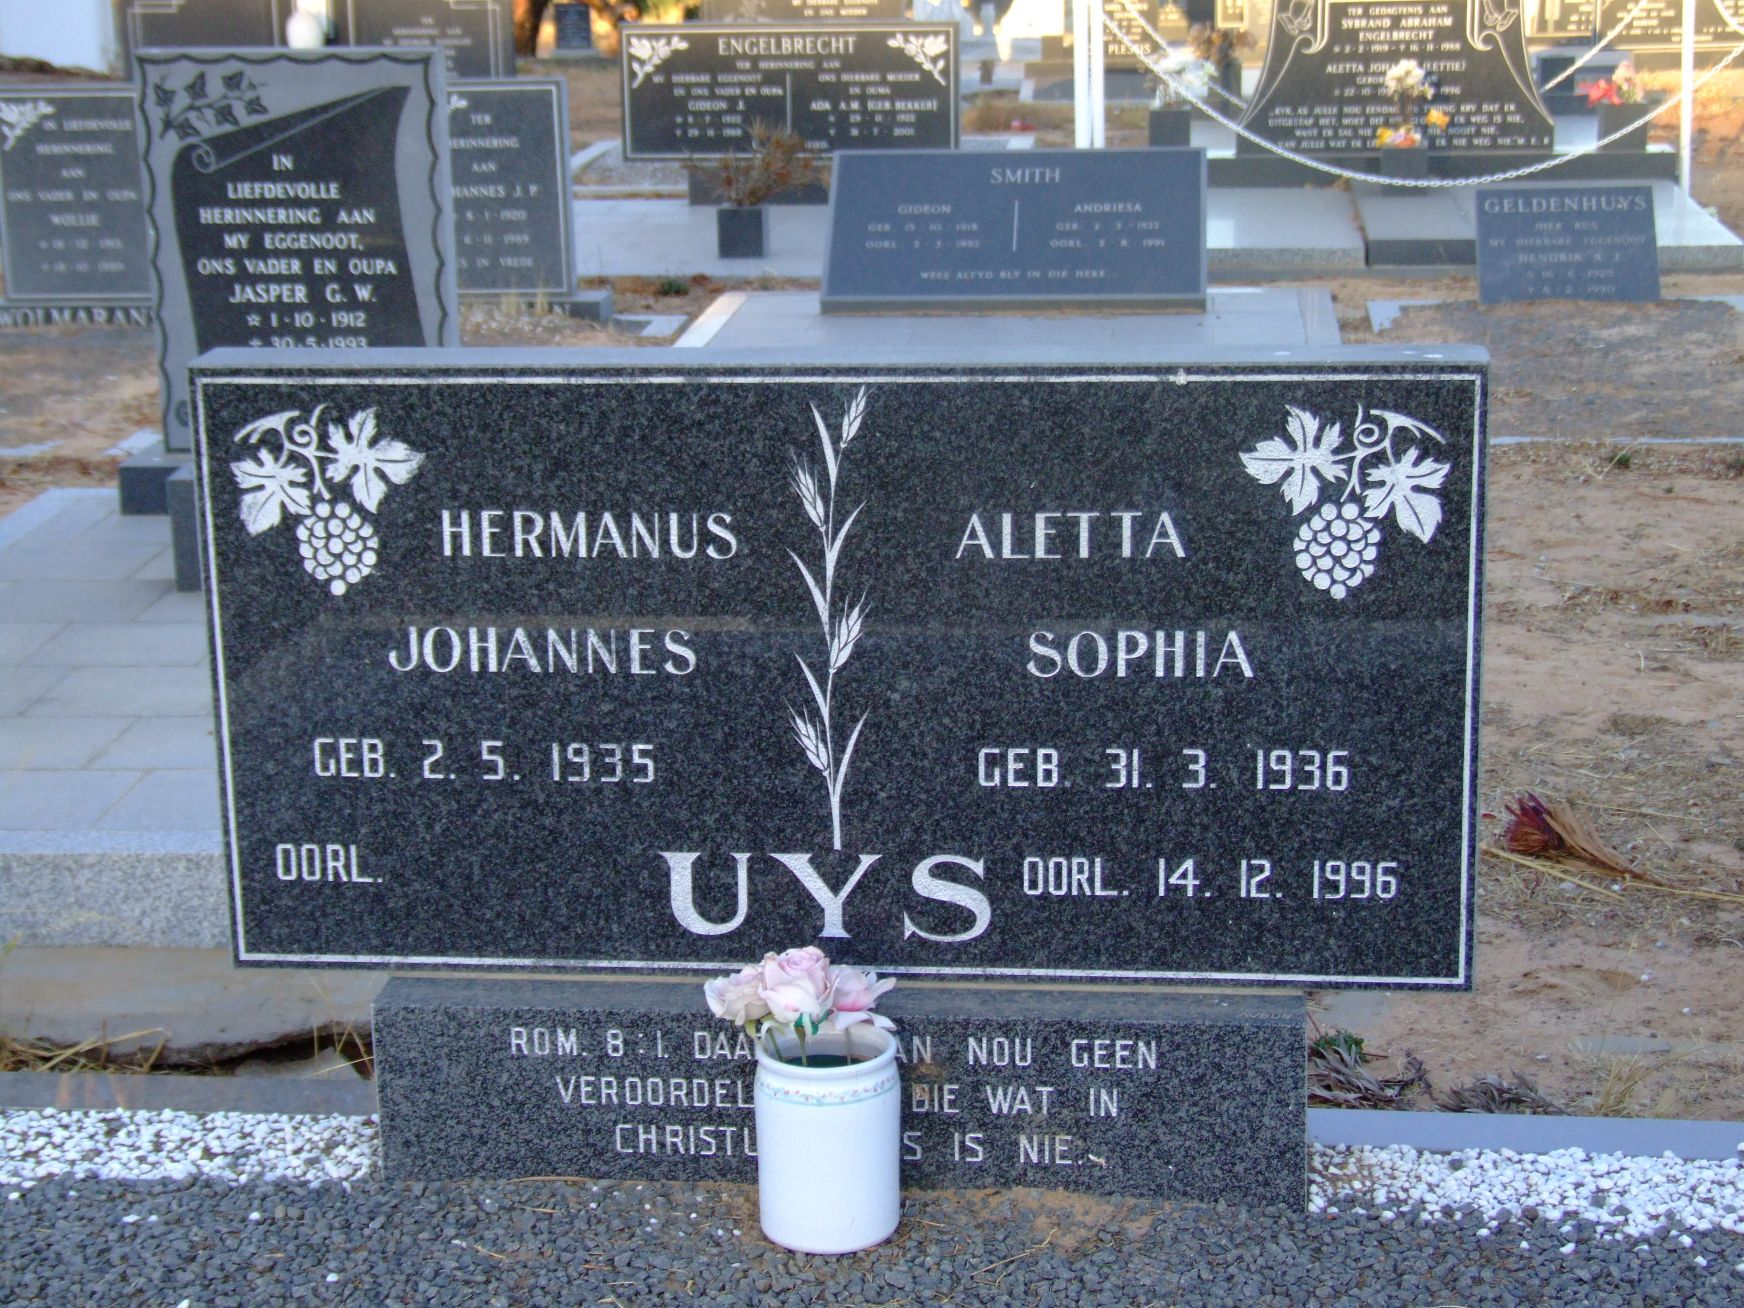 Uys, Hermanus Johannes + Uys, Aletta Sophia